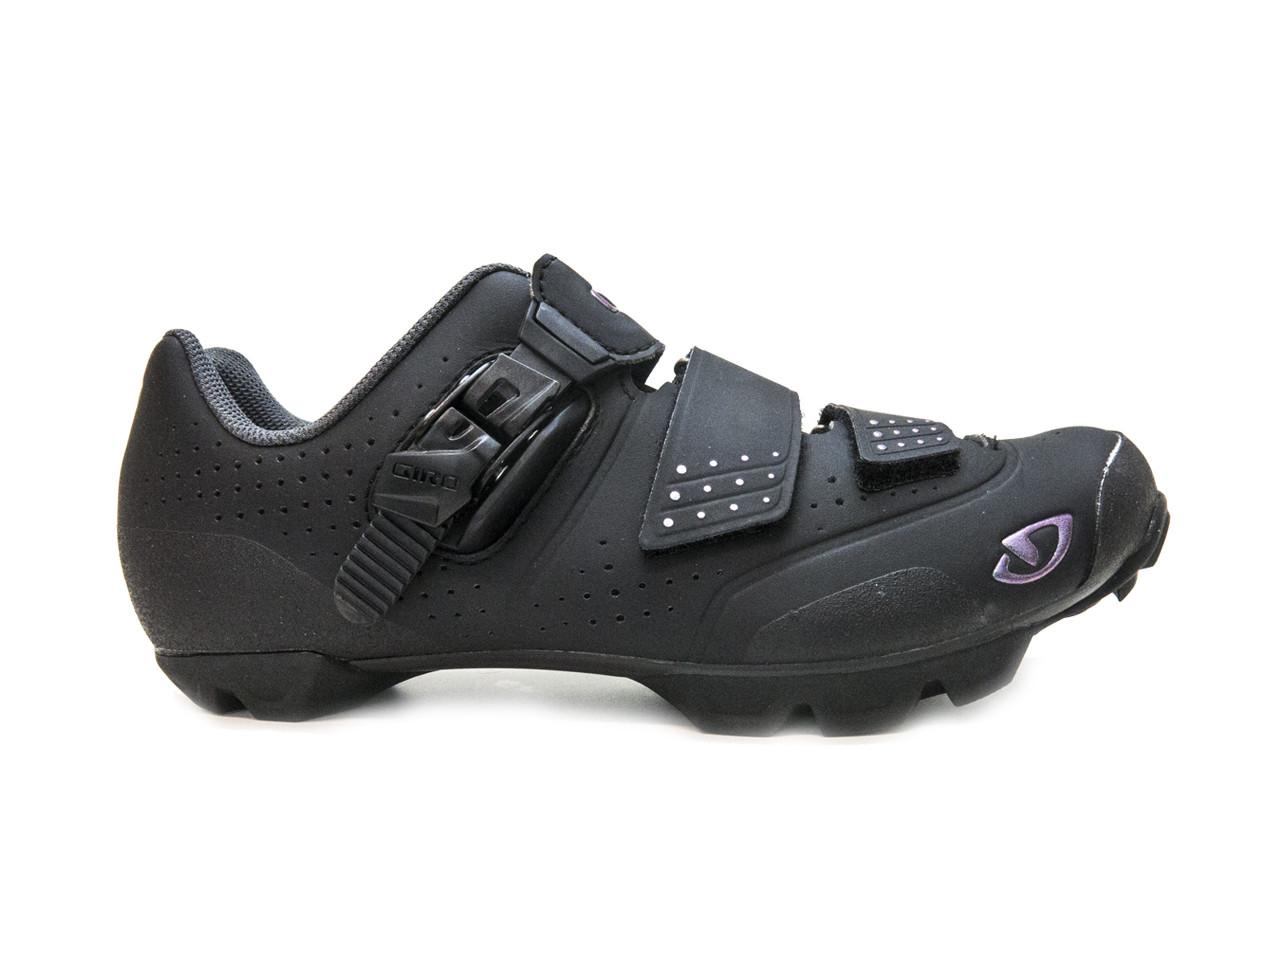 Giro Berm Mens Cycling Shoes